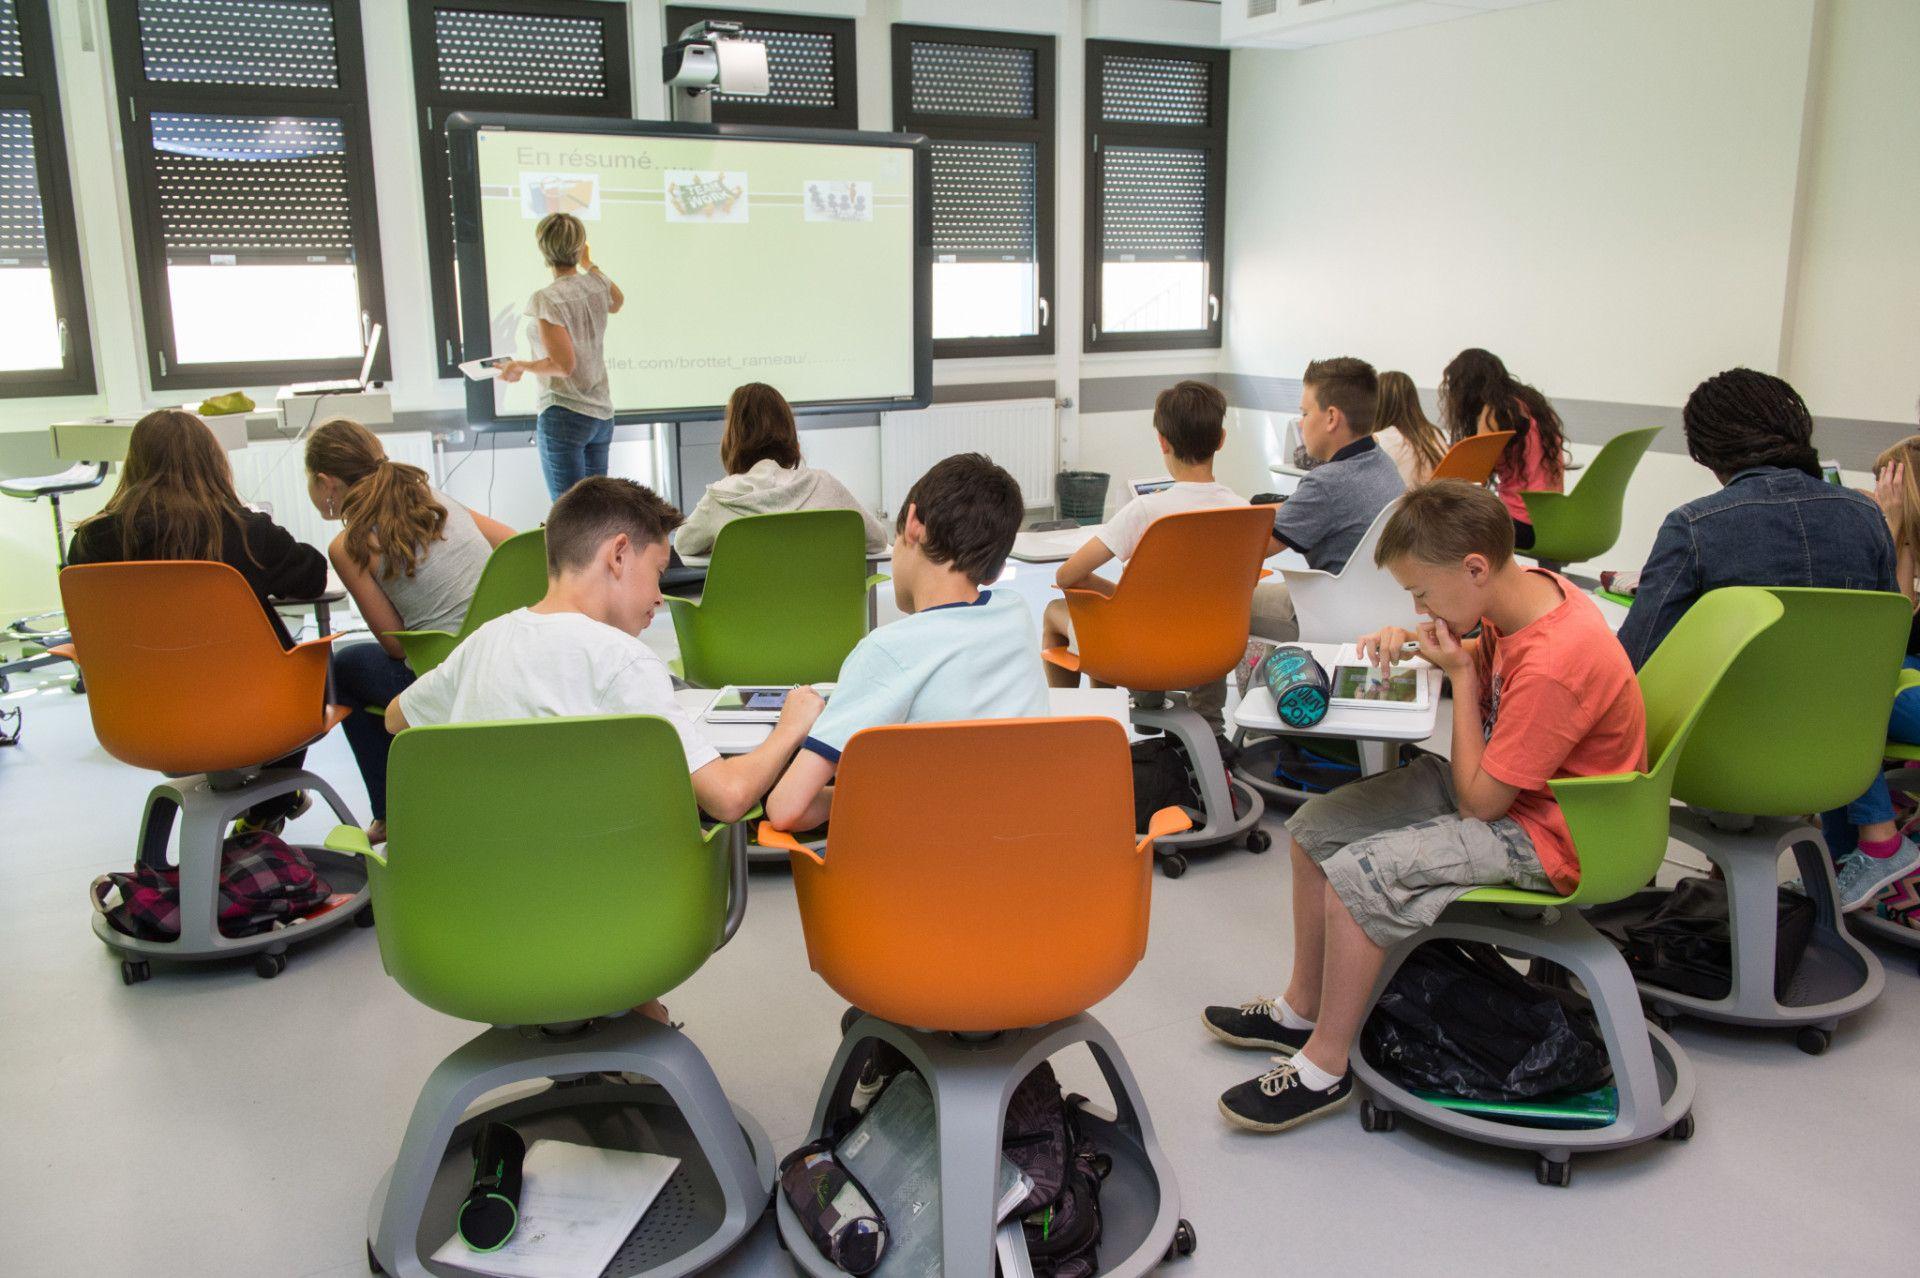 ECLA (Ecole pour L'Avenir), un nouvel « espace-temps scolaire à l'ère du numérique », premier Learning Lab dans l'enseignement secondaire en France.